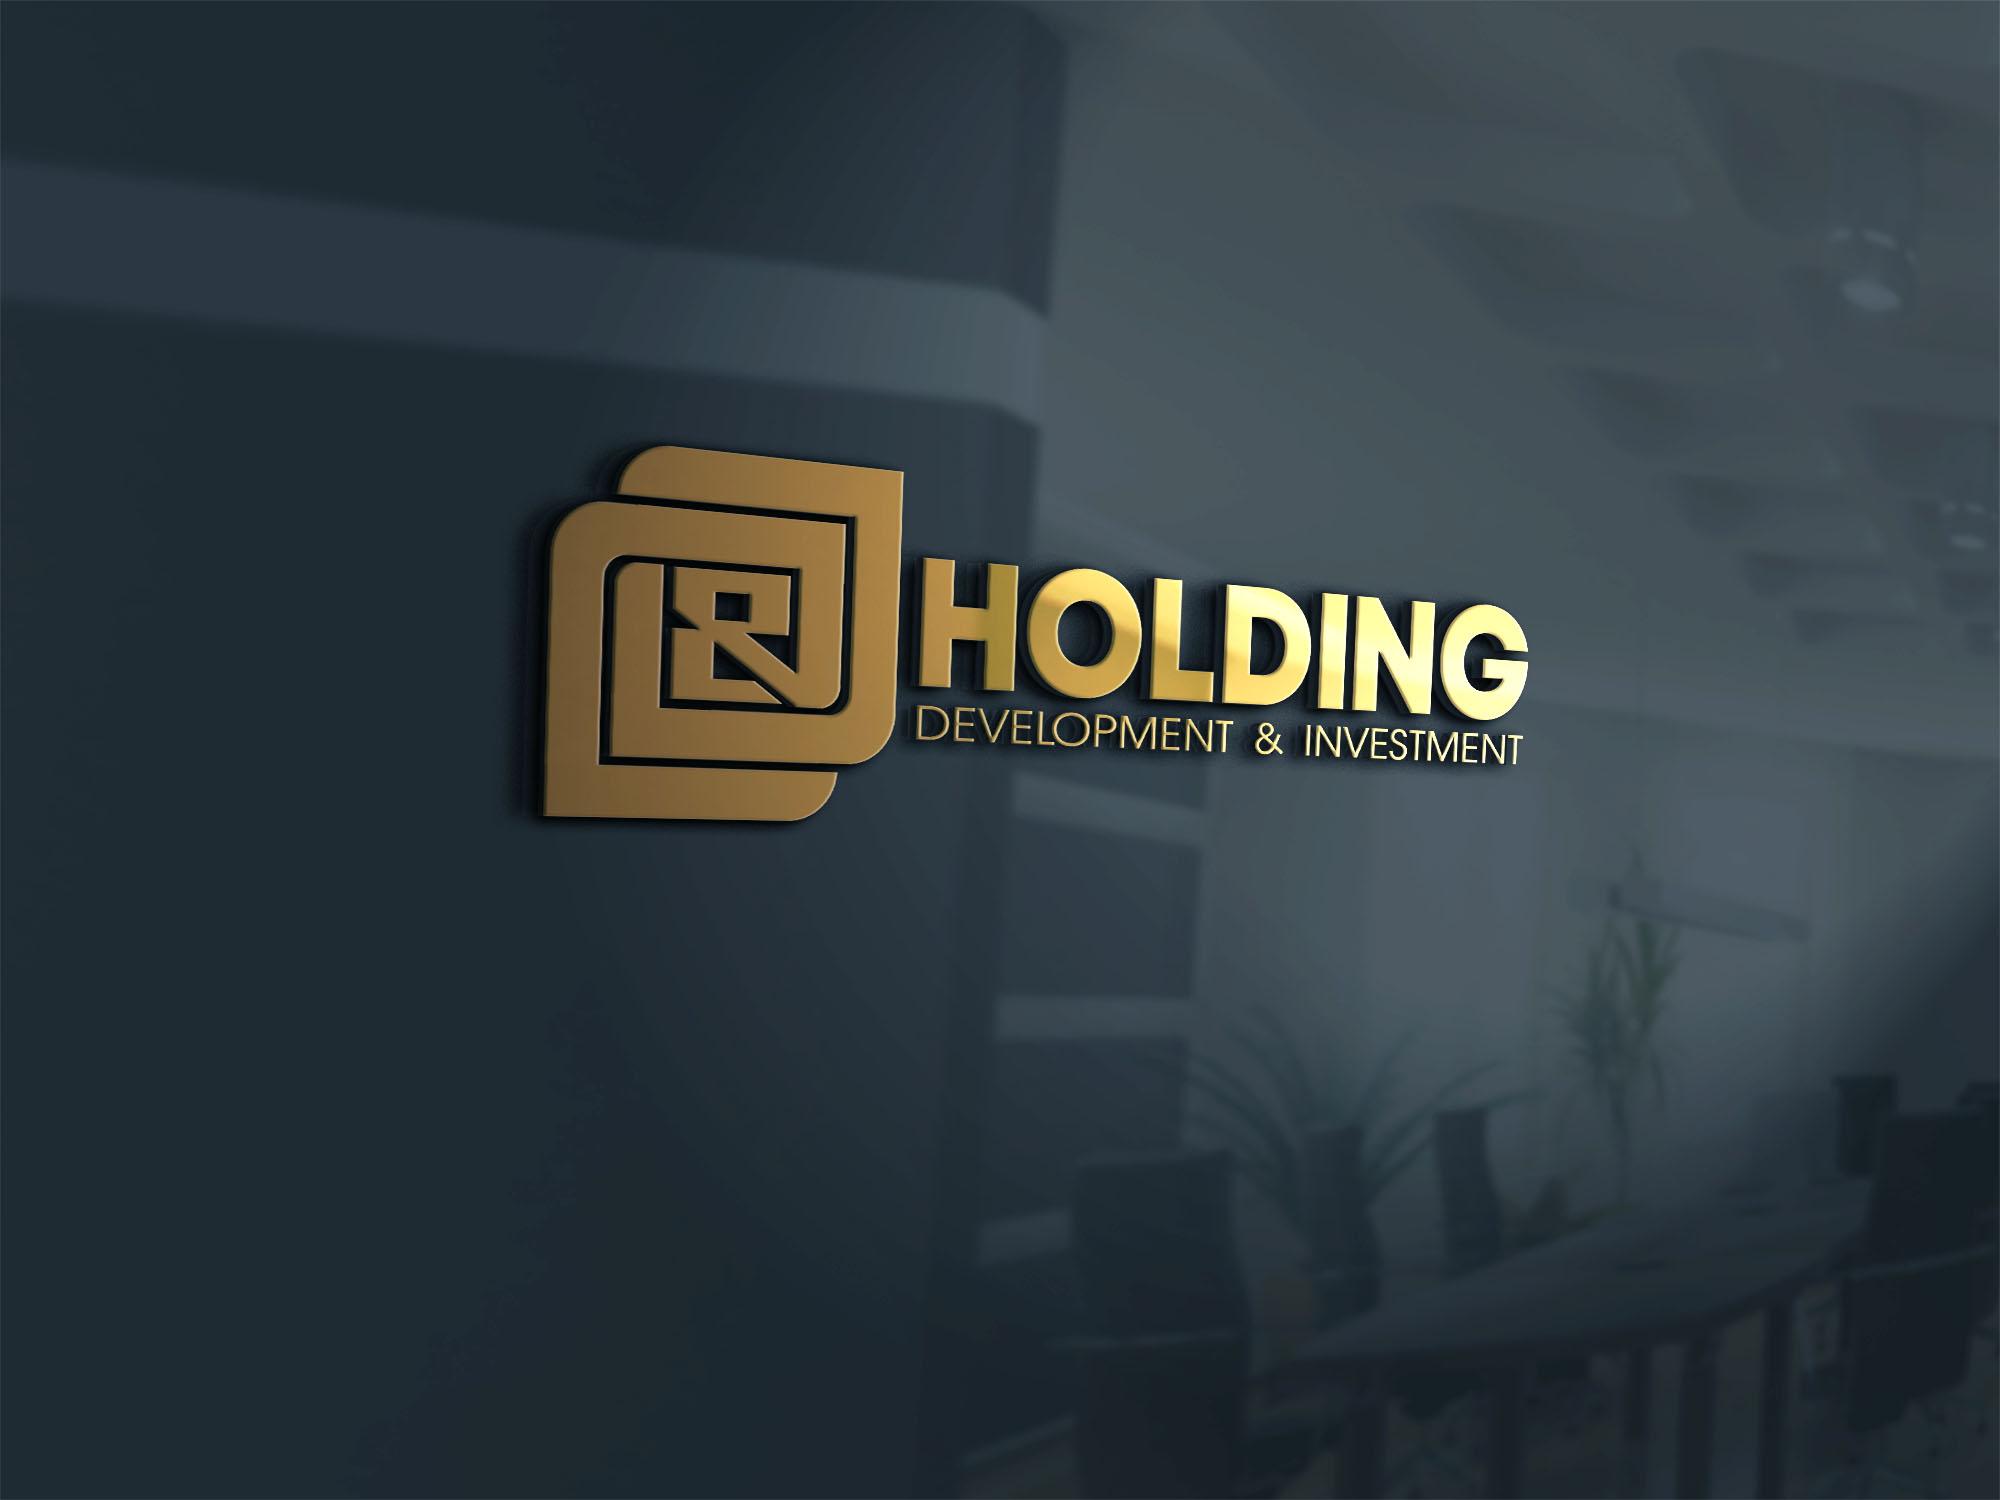 """Разработка Логотипа +  Фирменного знака для компании """"O & O HOLDING"""" фото f_5905c7dba6e936db.jpg"""